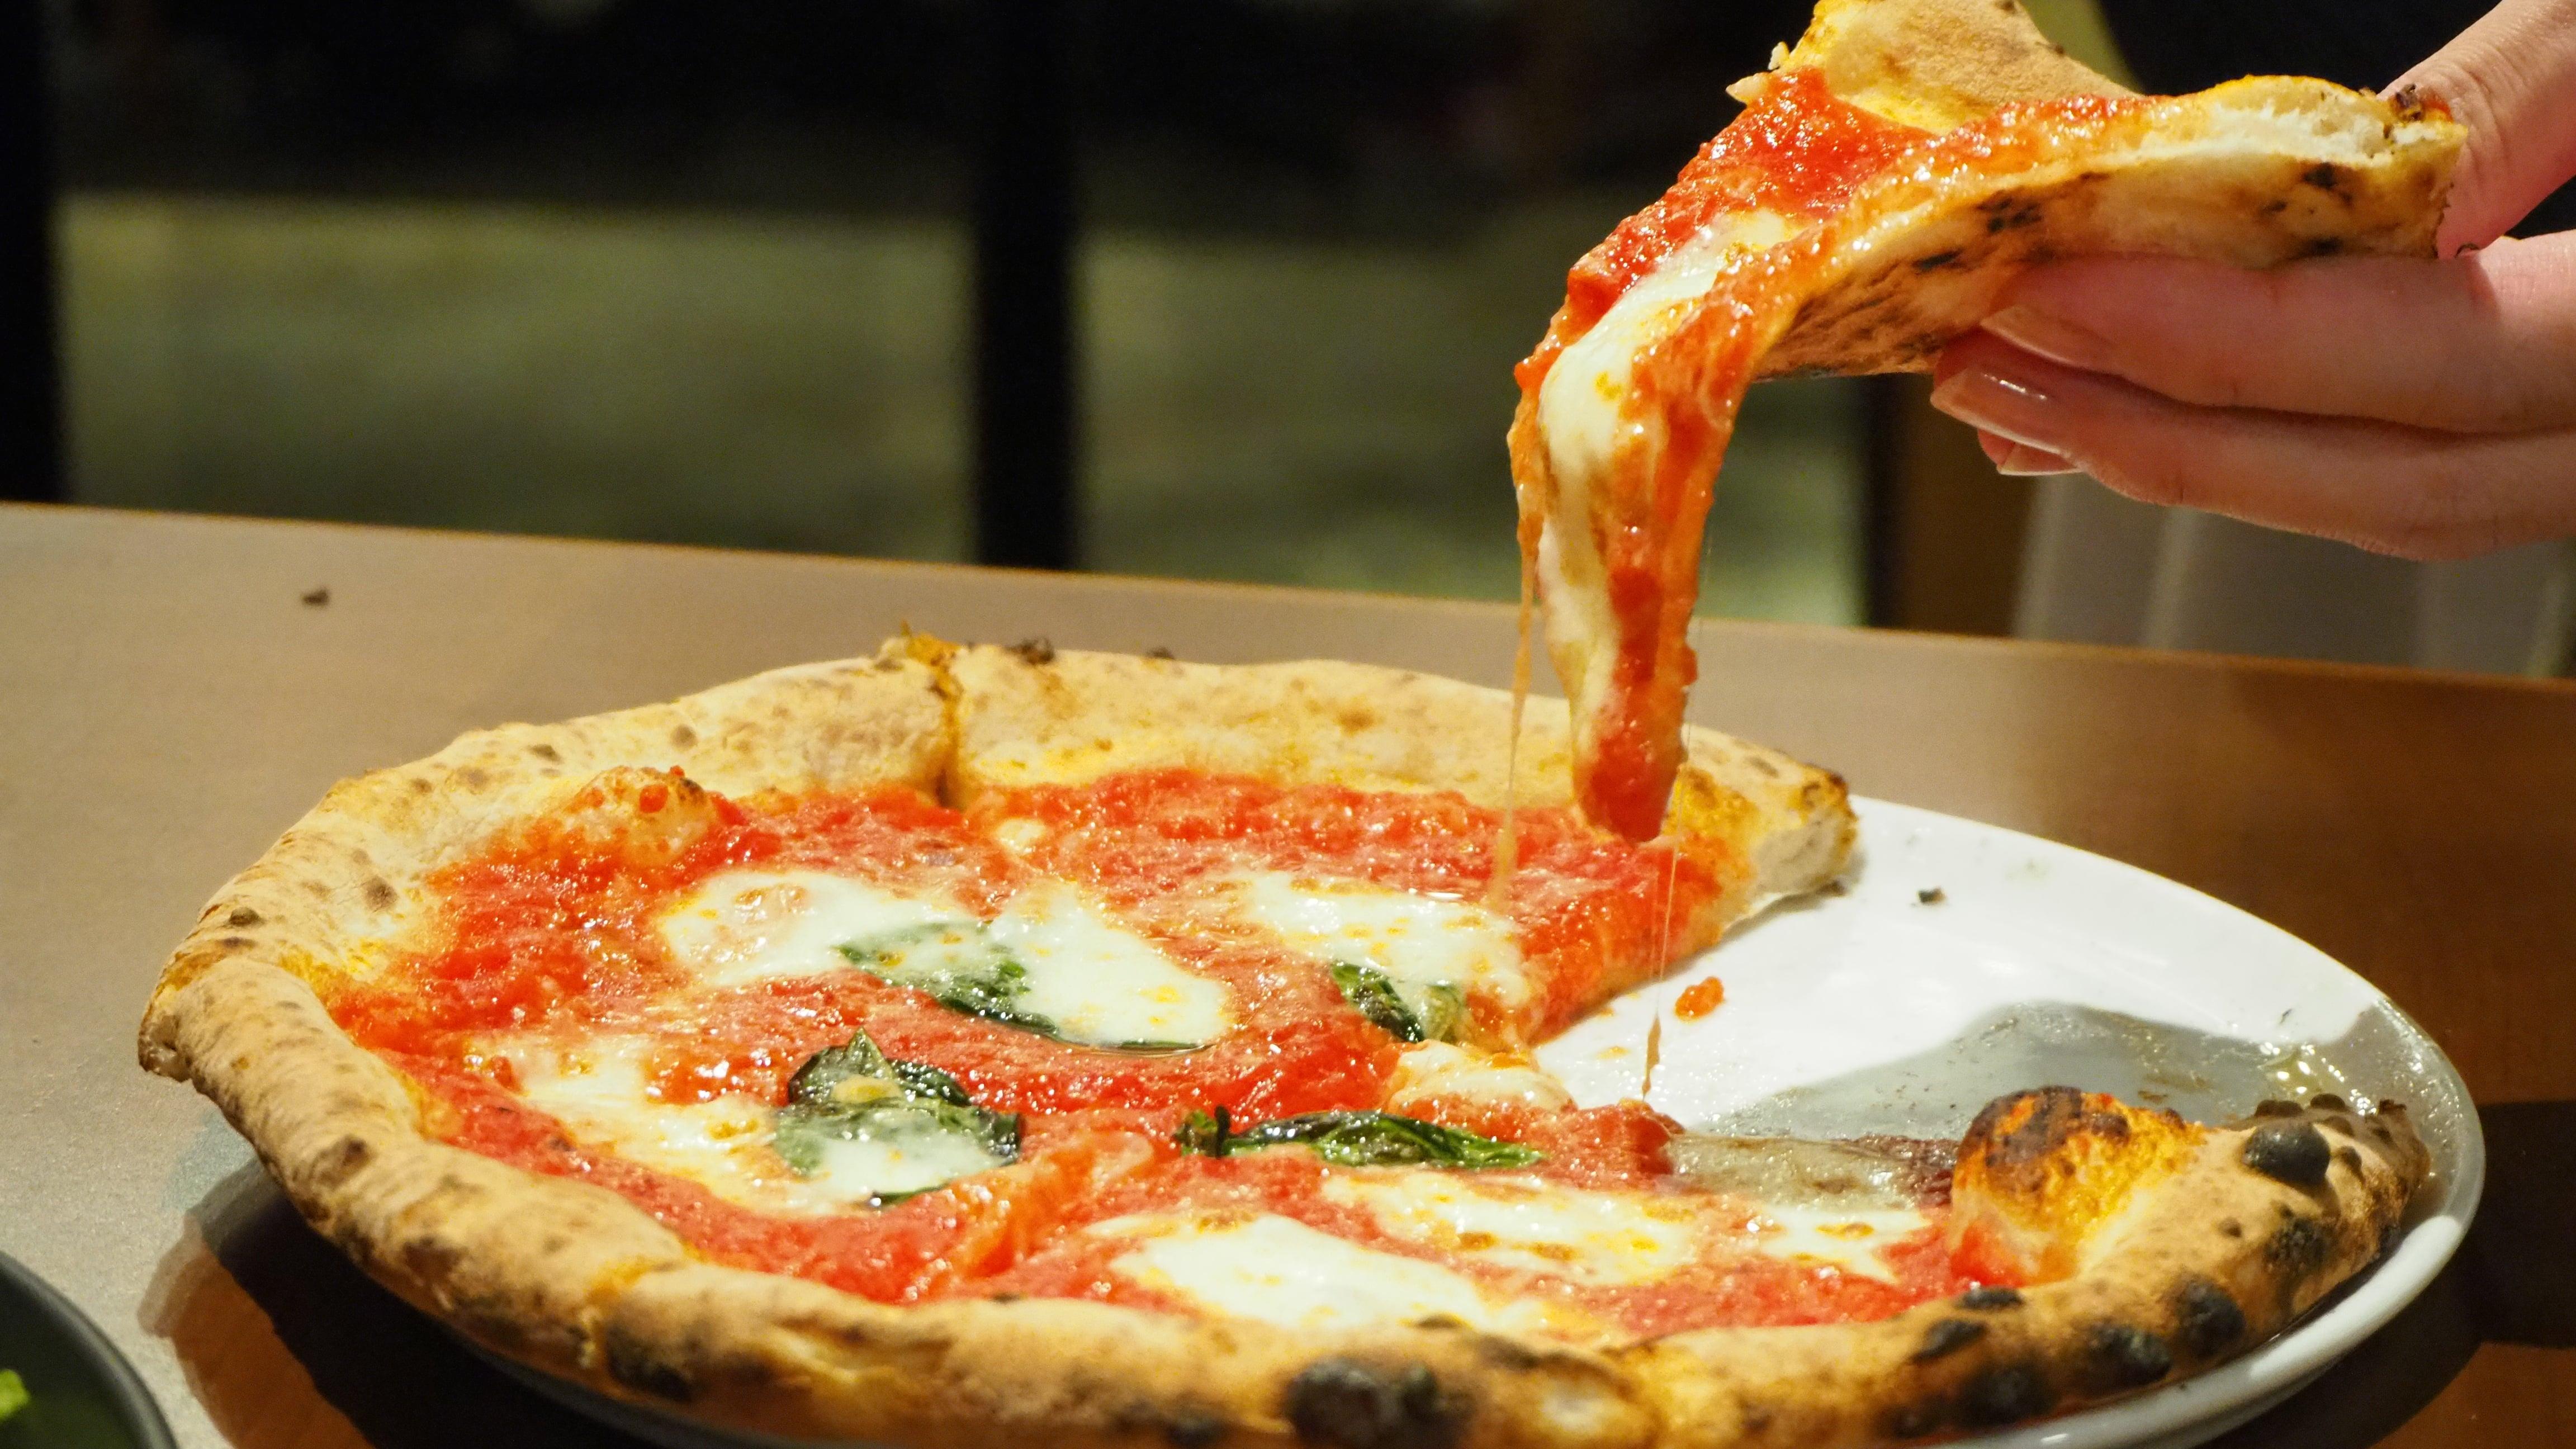 熱々とろ〜りなチーズに注目! 栄駅から徒歩5分のイタリアンで「窯焼きパスタ」実食 - pagina974